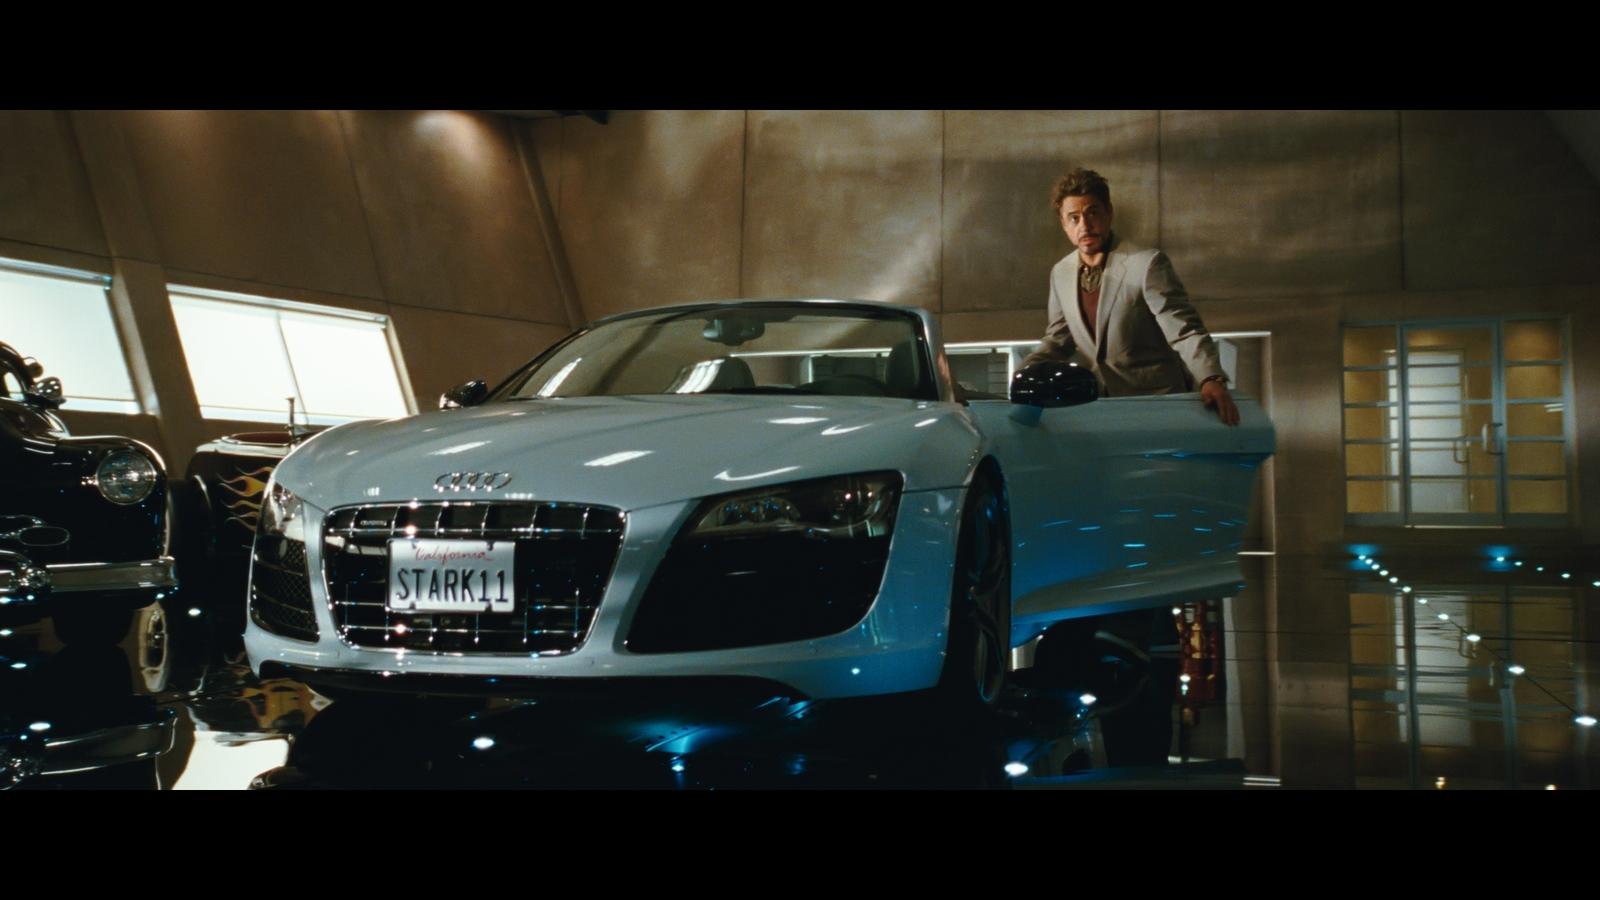 Car Tony Stark Drives In Iron Man